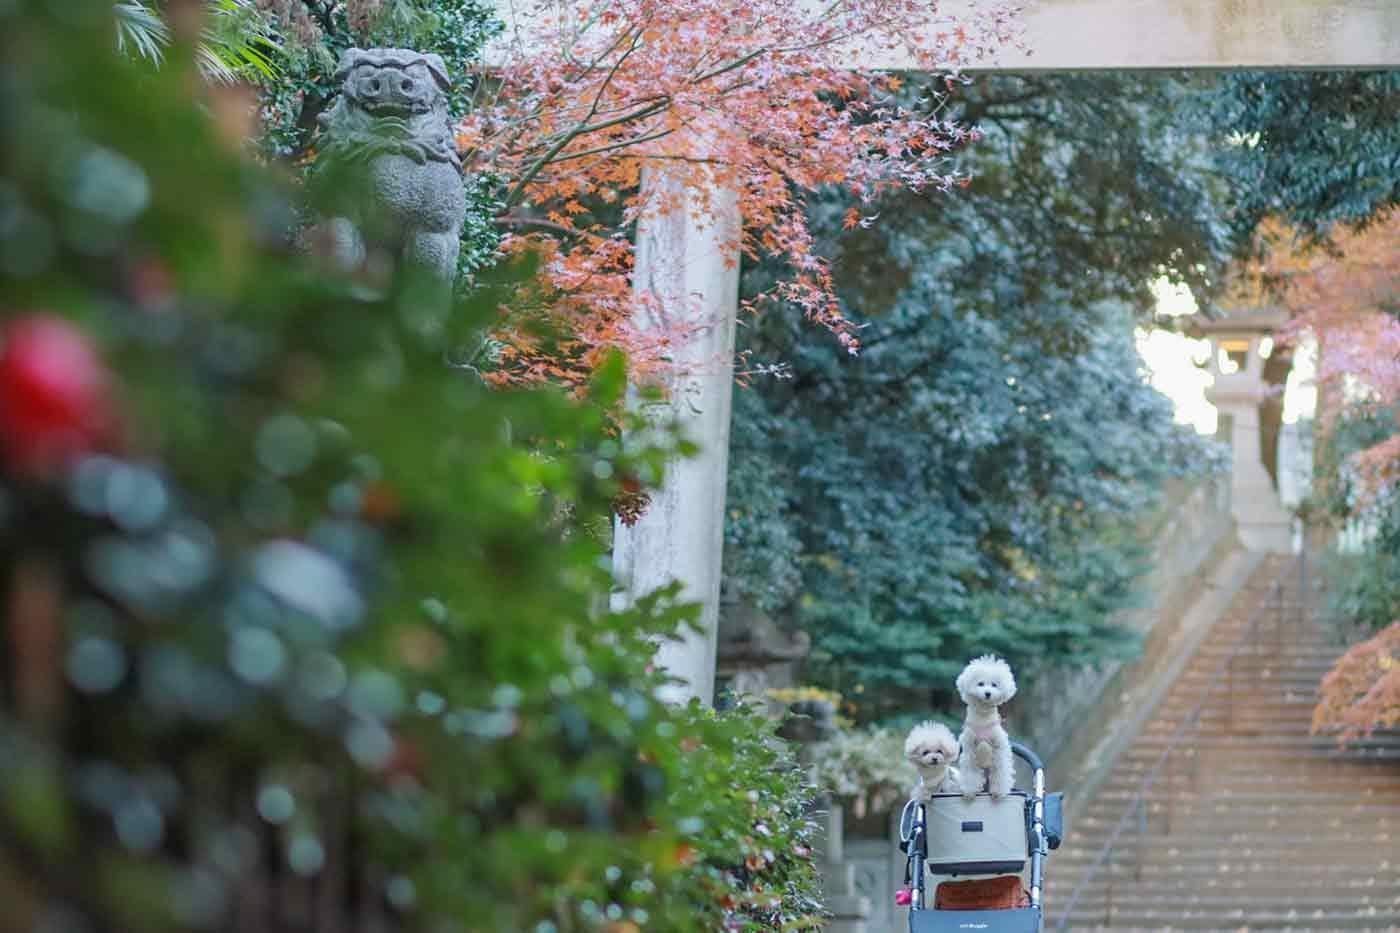 鳥居の下で記念撮影する犬